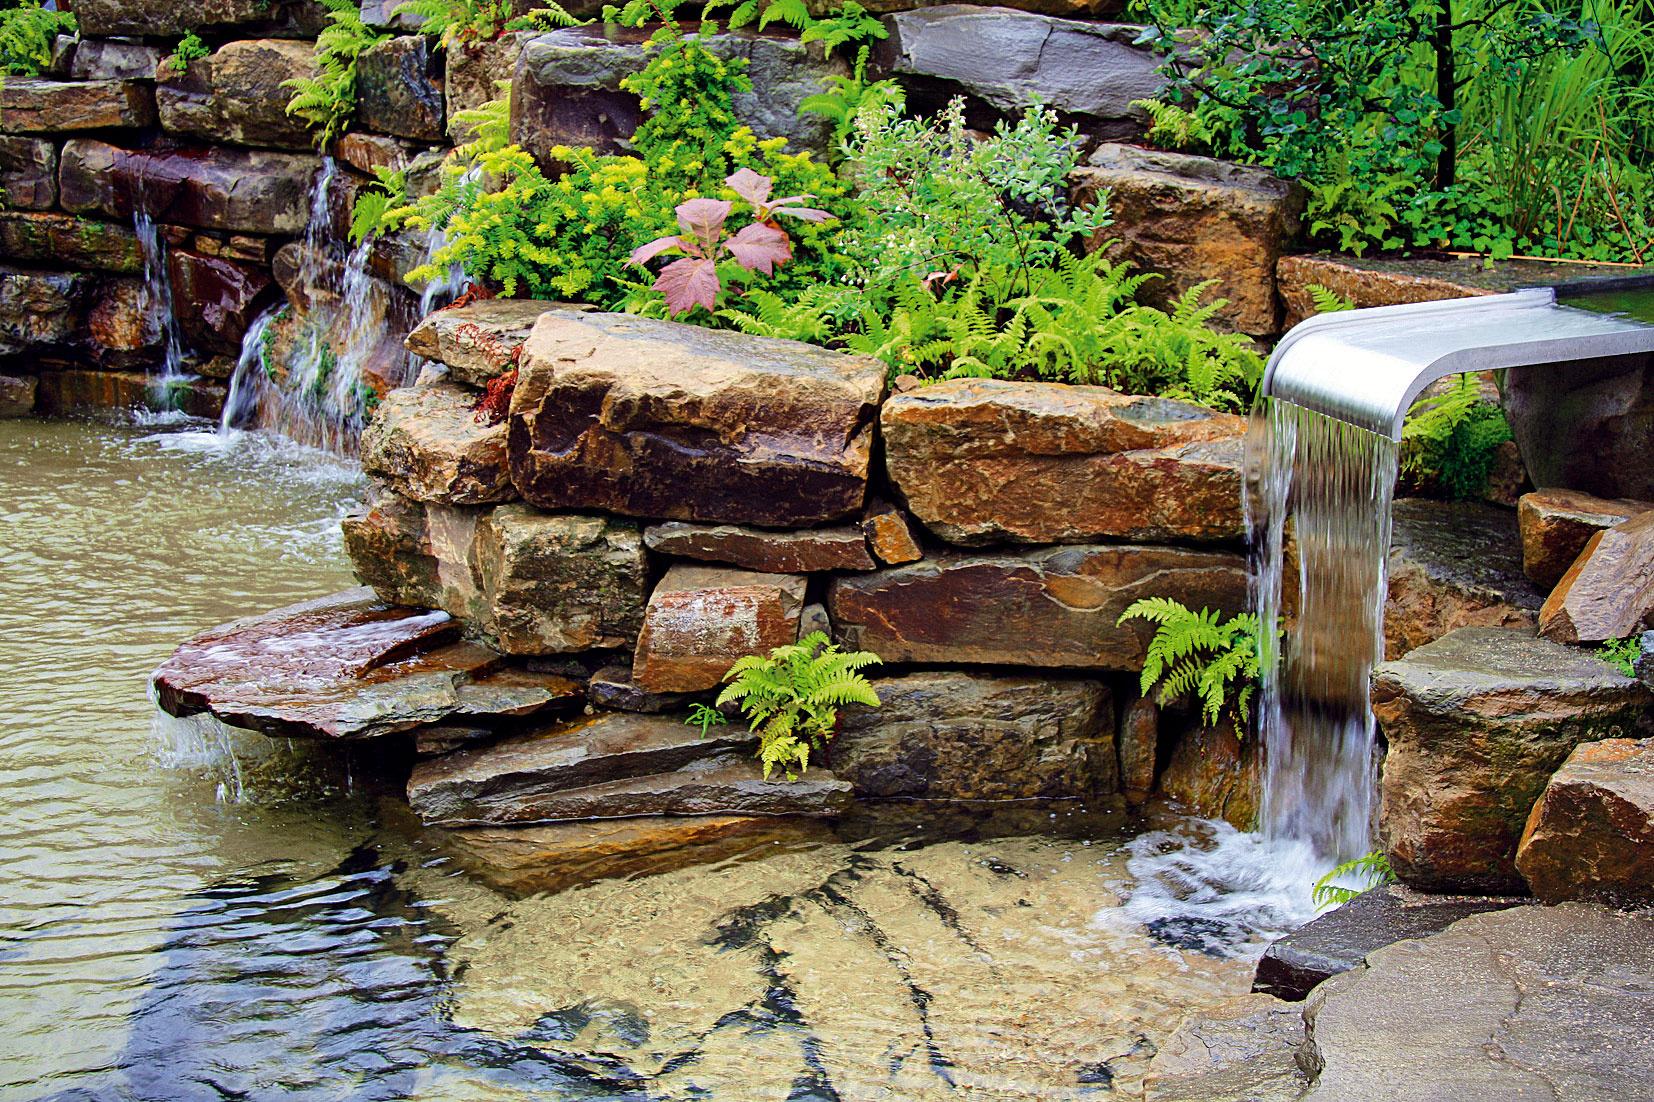 Jazero ozvláštňujú viaceré vodné prvky. Umelý vodopád ostro kontrastuje smodernejšie pôsobiacimi prítokmi vody, ktorých tu je hneď niekoľko.